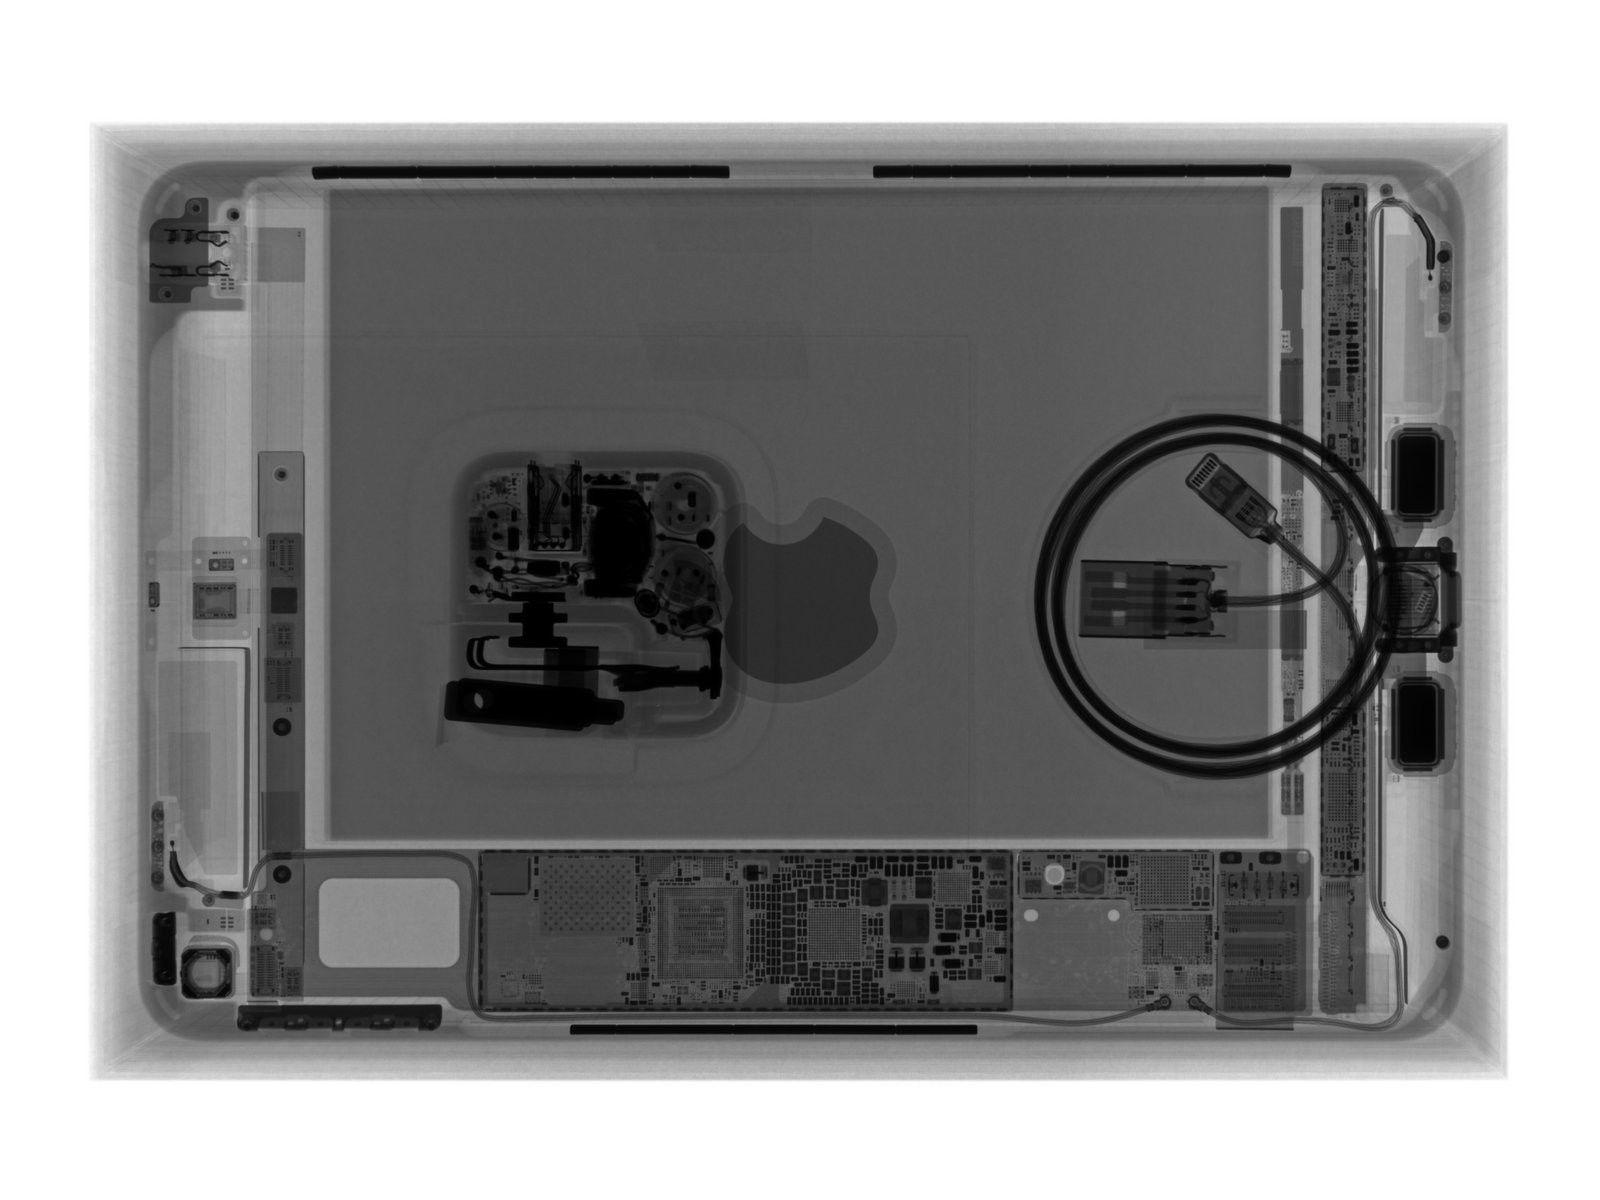 Iphone X Ifixit Wallpaper Ifixit Surgeons Tut At Ipad Mini 5 X Ray Looks Like A